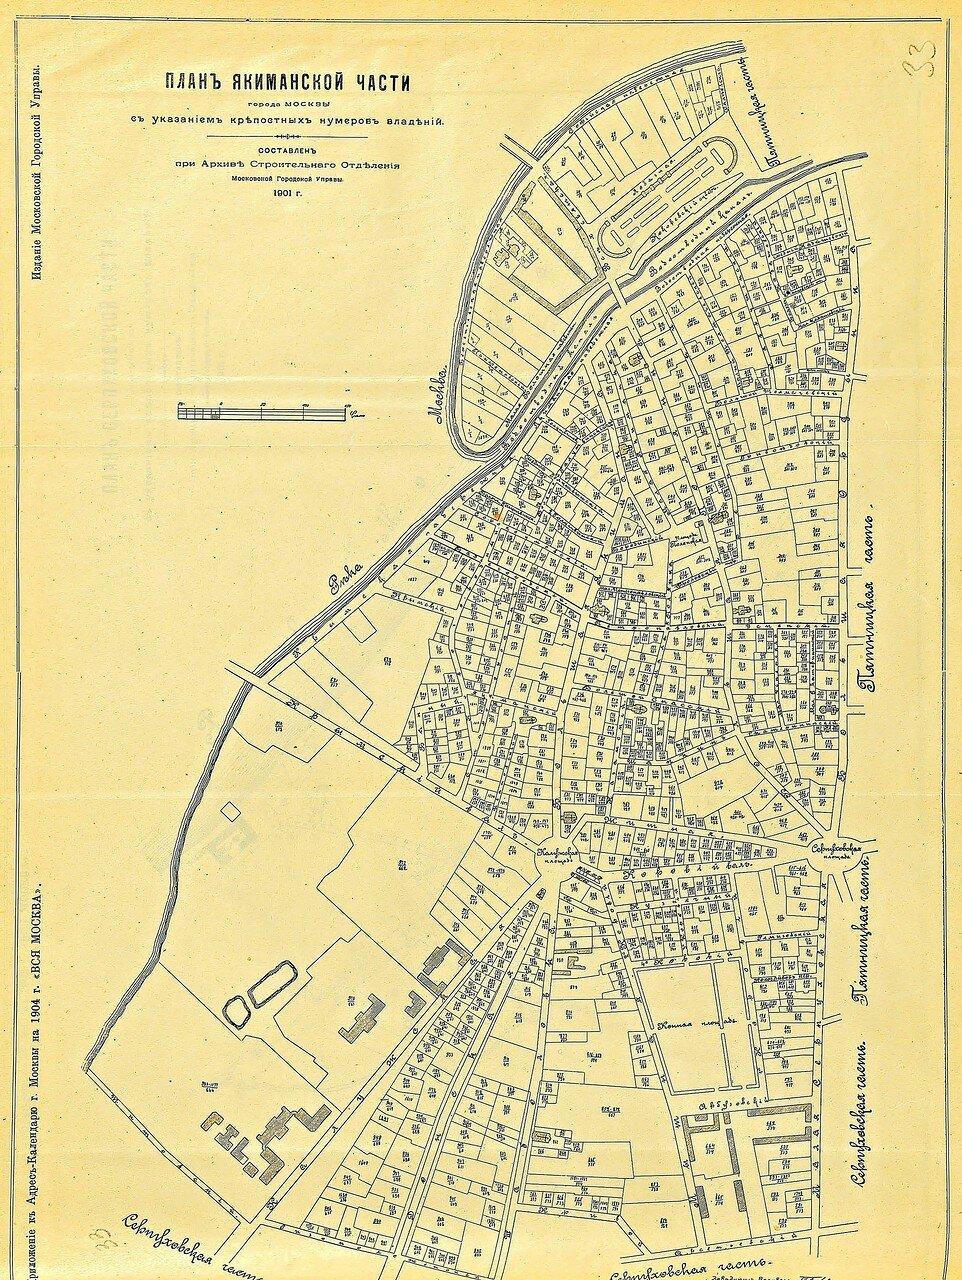 33. План Якиманской части города Москвы